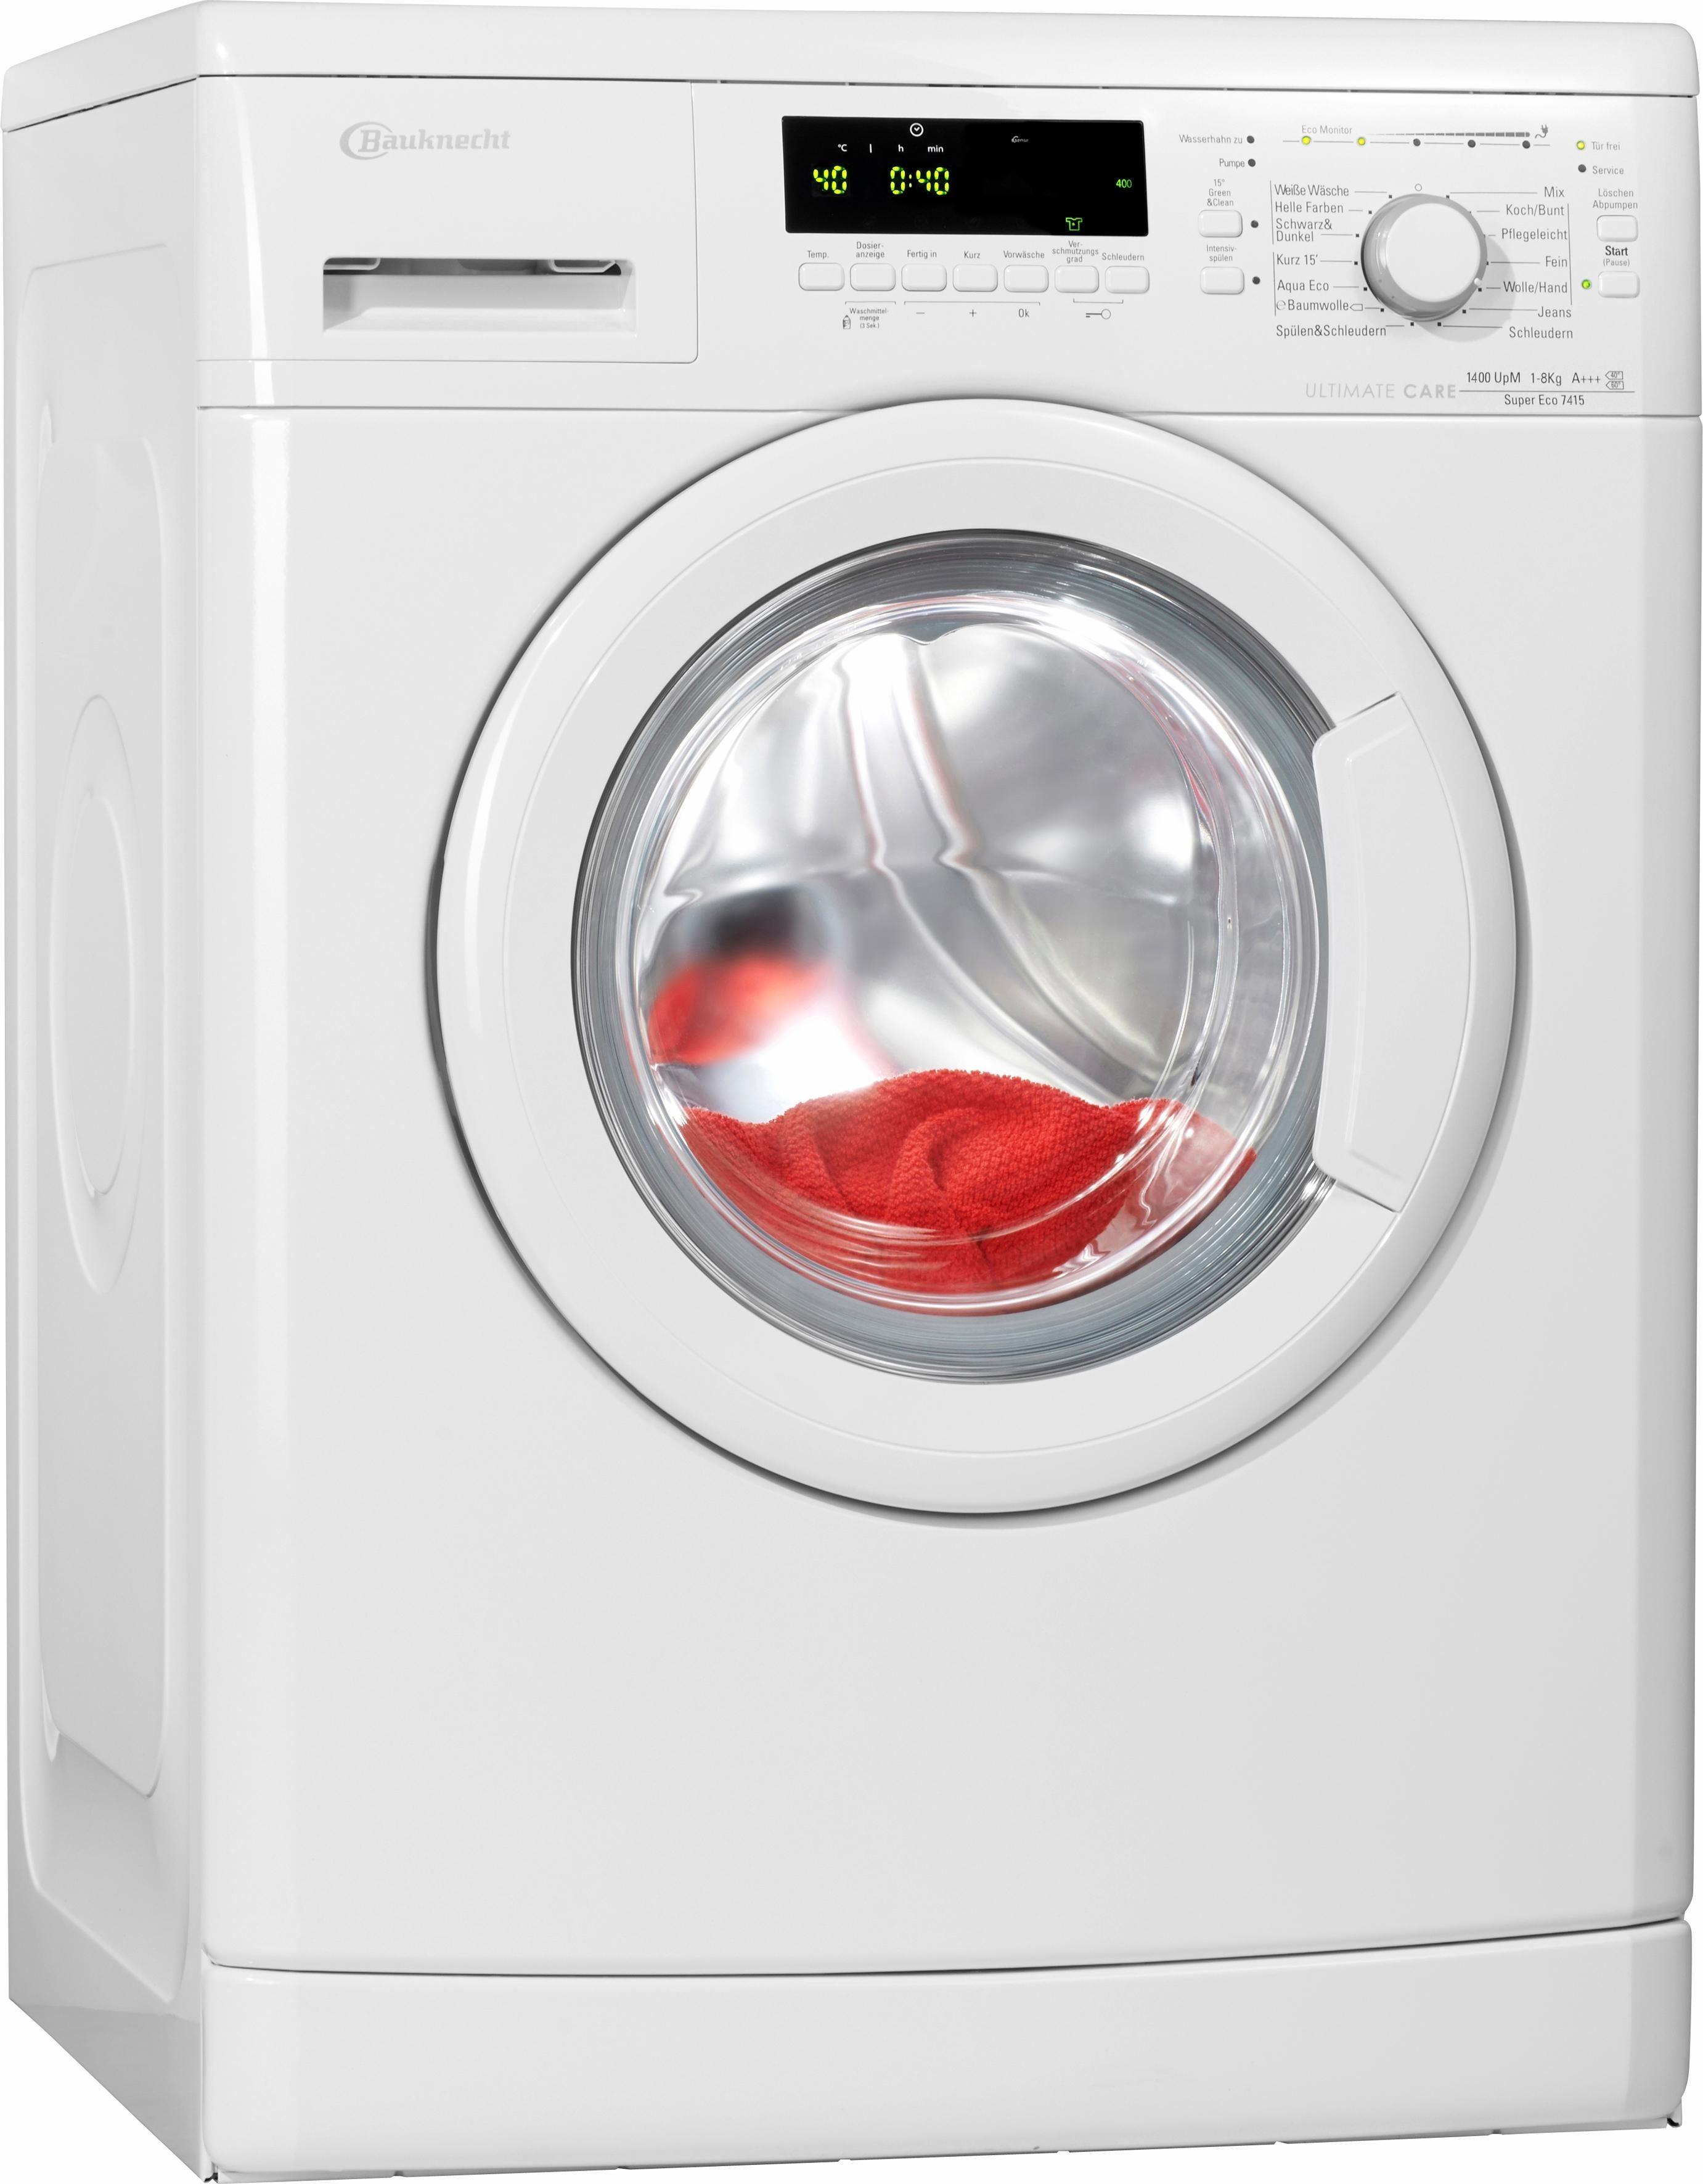 BAUKNECHT Waschmaschine Super Eco 8415, A+++, 8 kg, 1400 U/Min